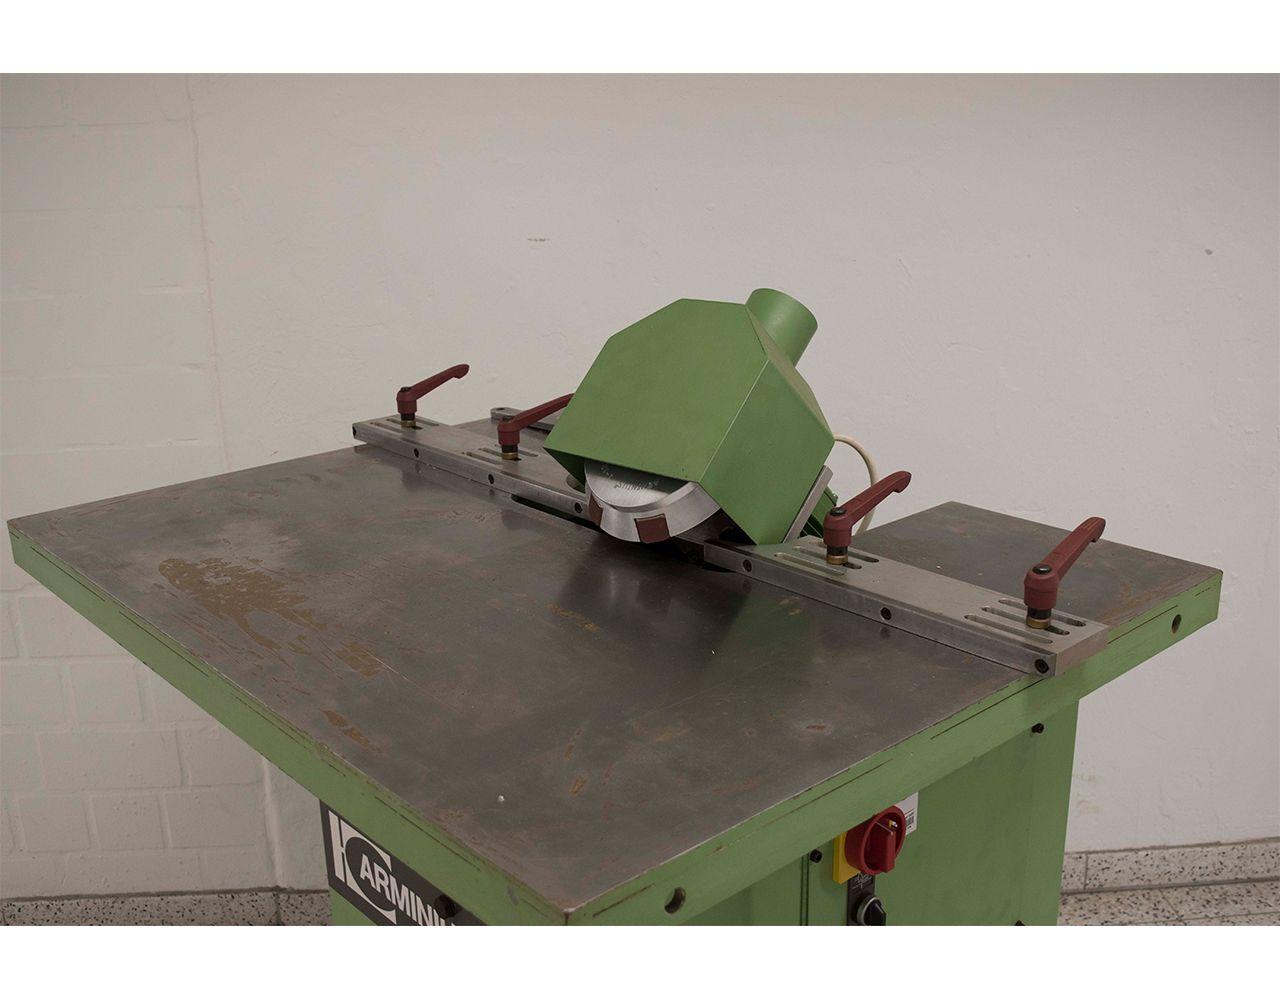 arminius-schleifmittel-start-produkte-gebrauchtmaschinen-slider-5